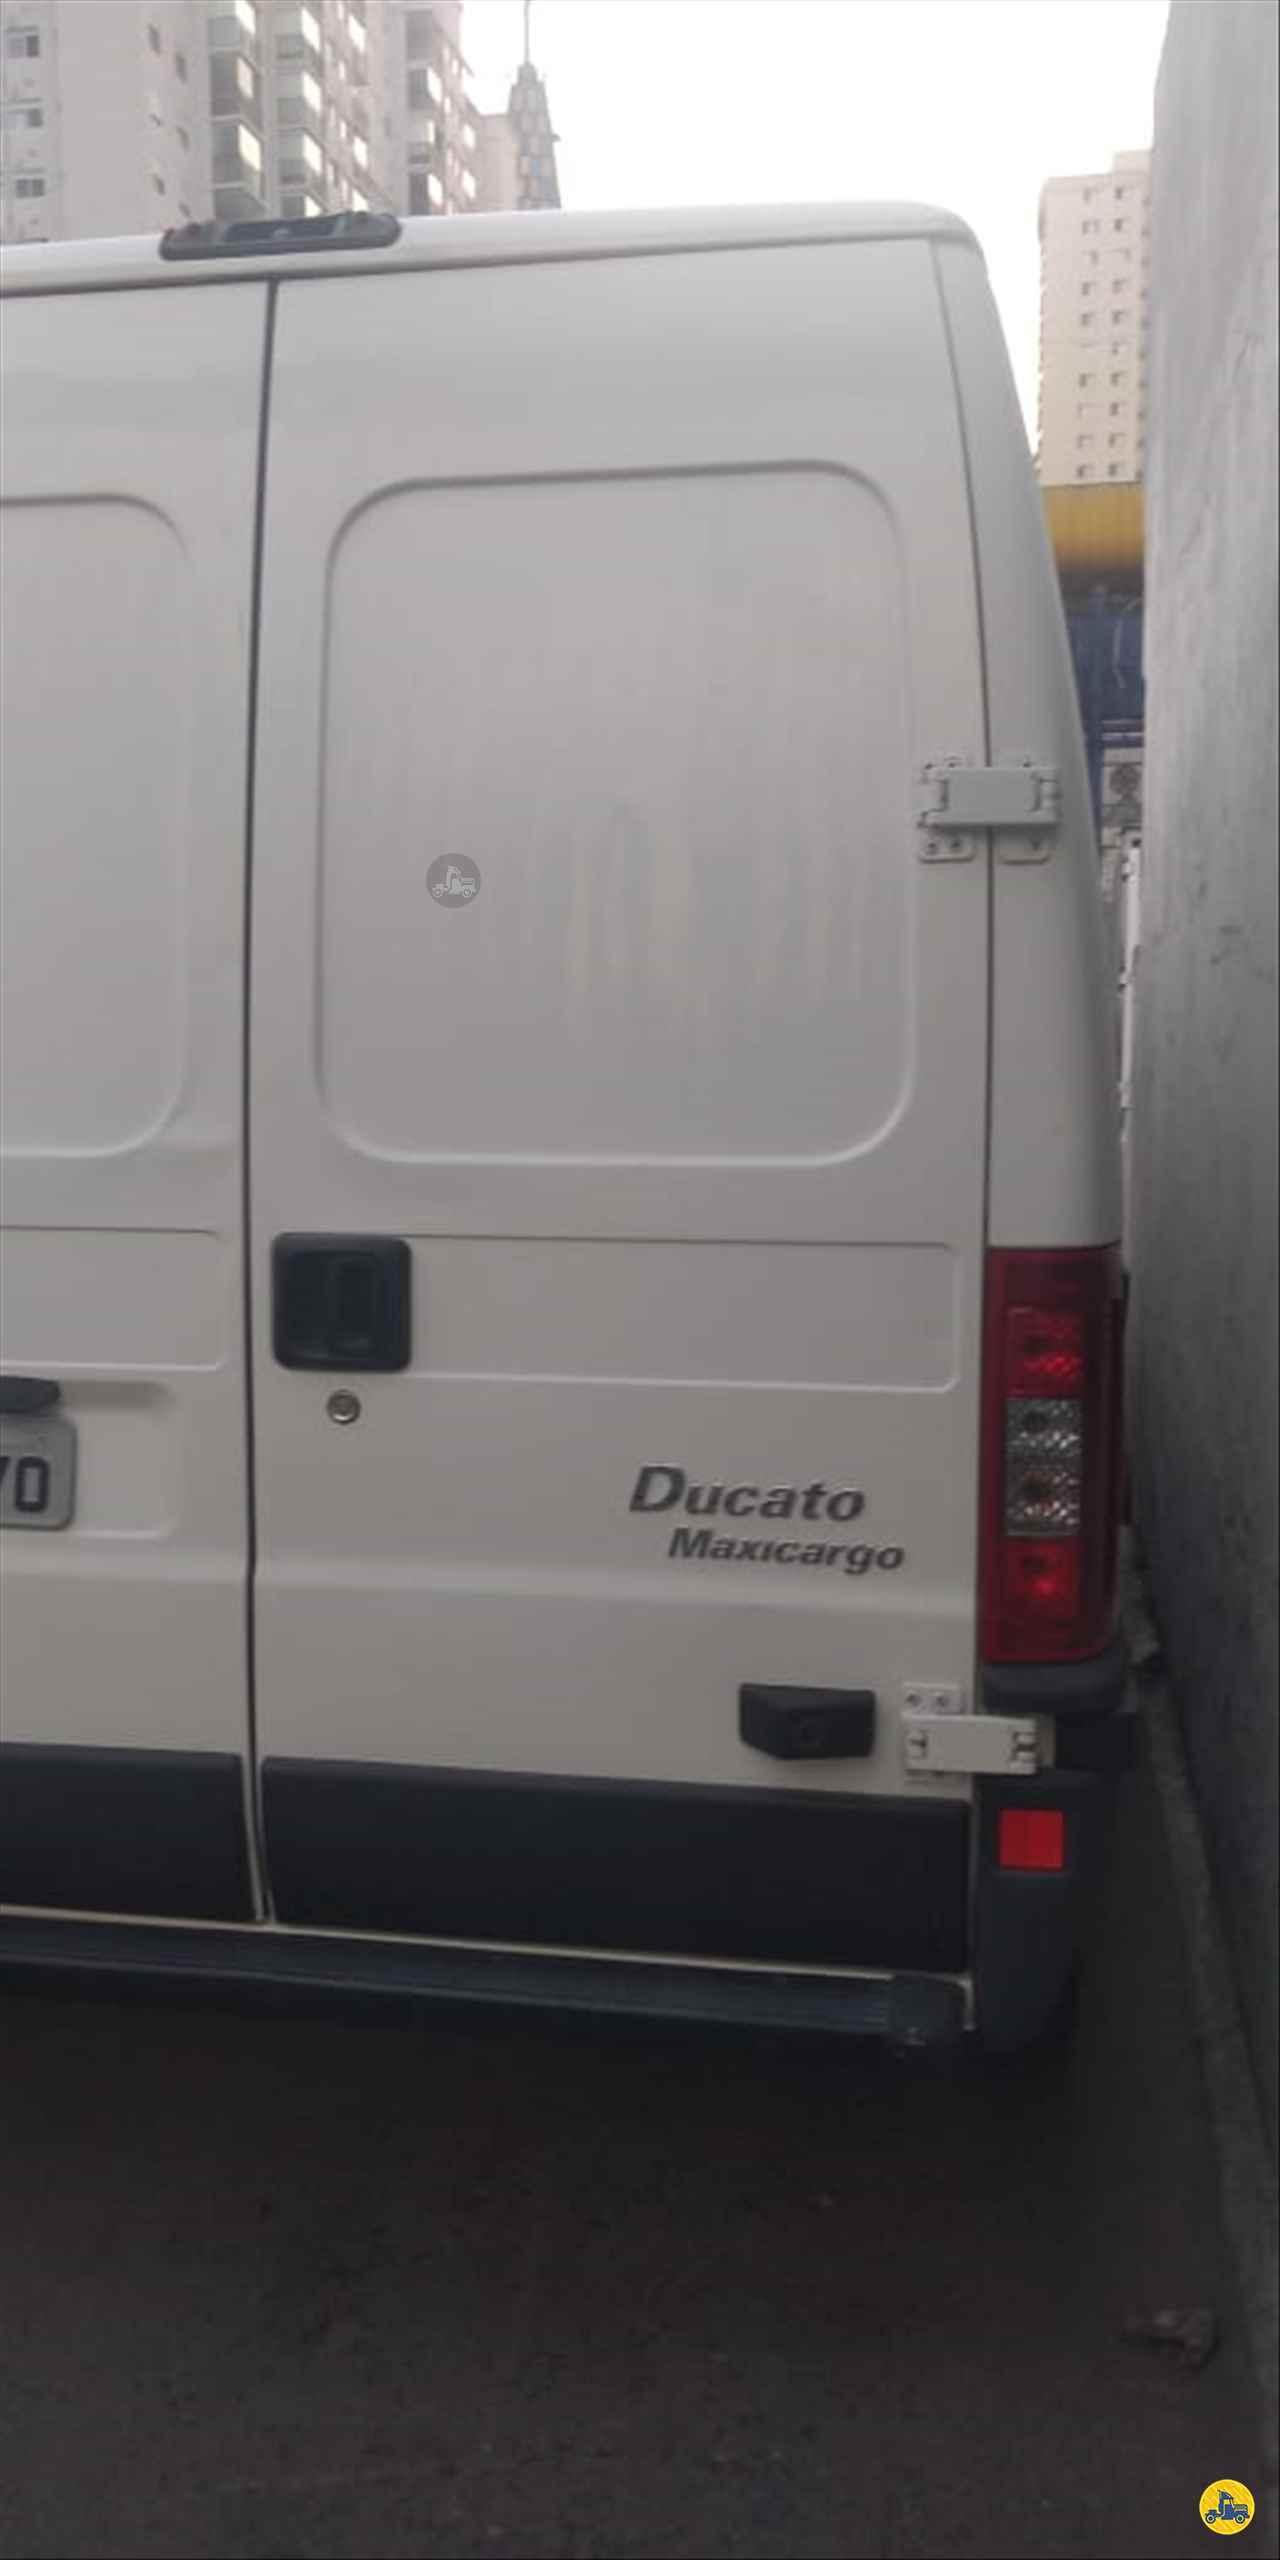 FIAT Ducato Maxicargo 2.3 185000km 2014/2014 Kbça Utilitários